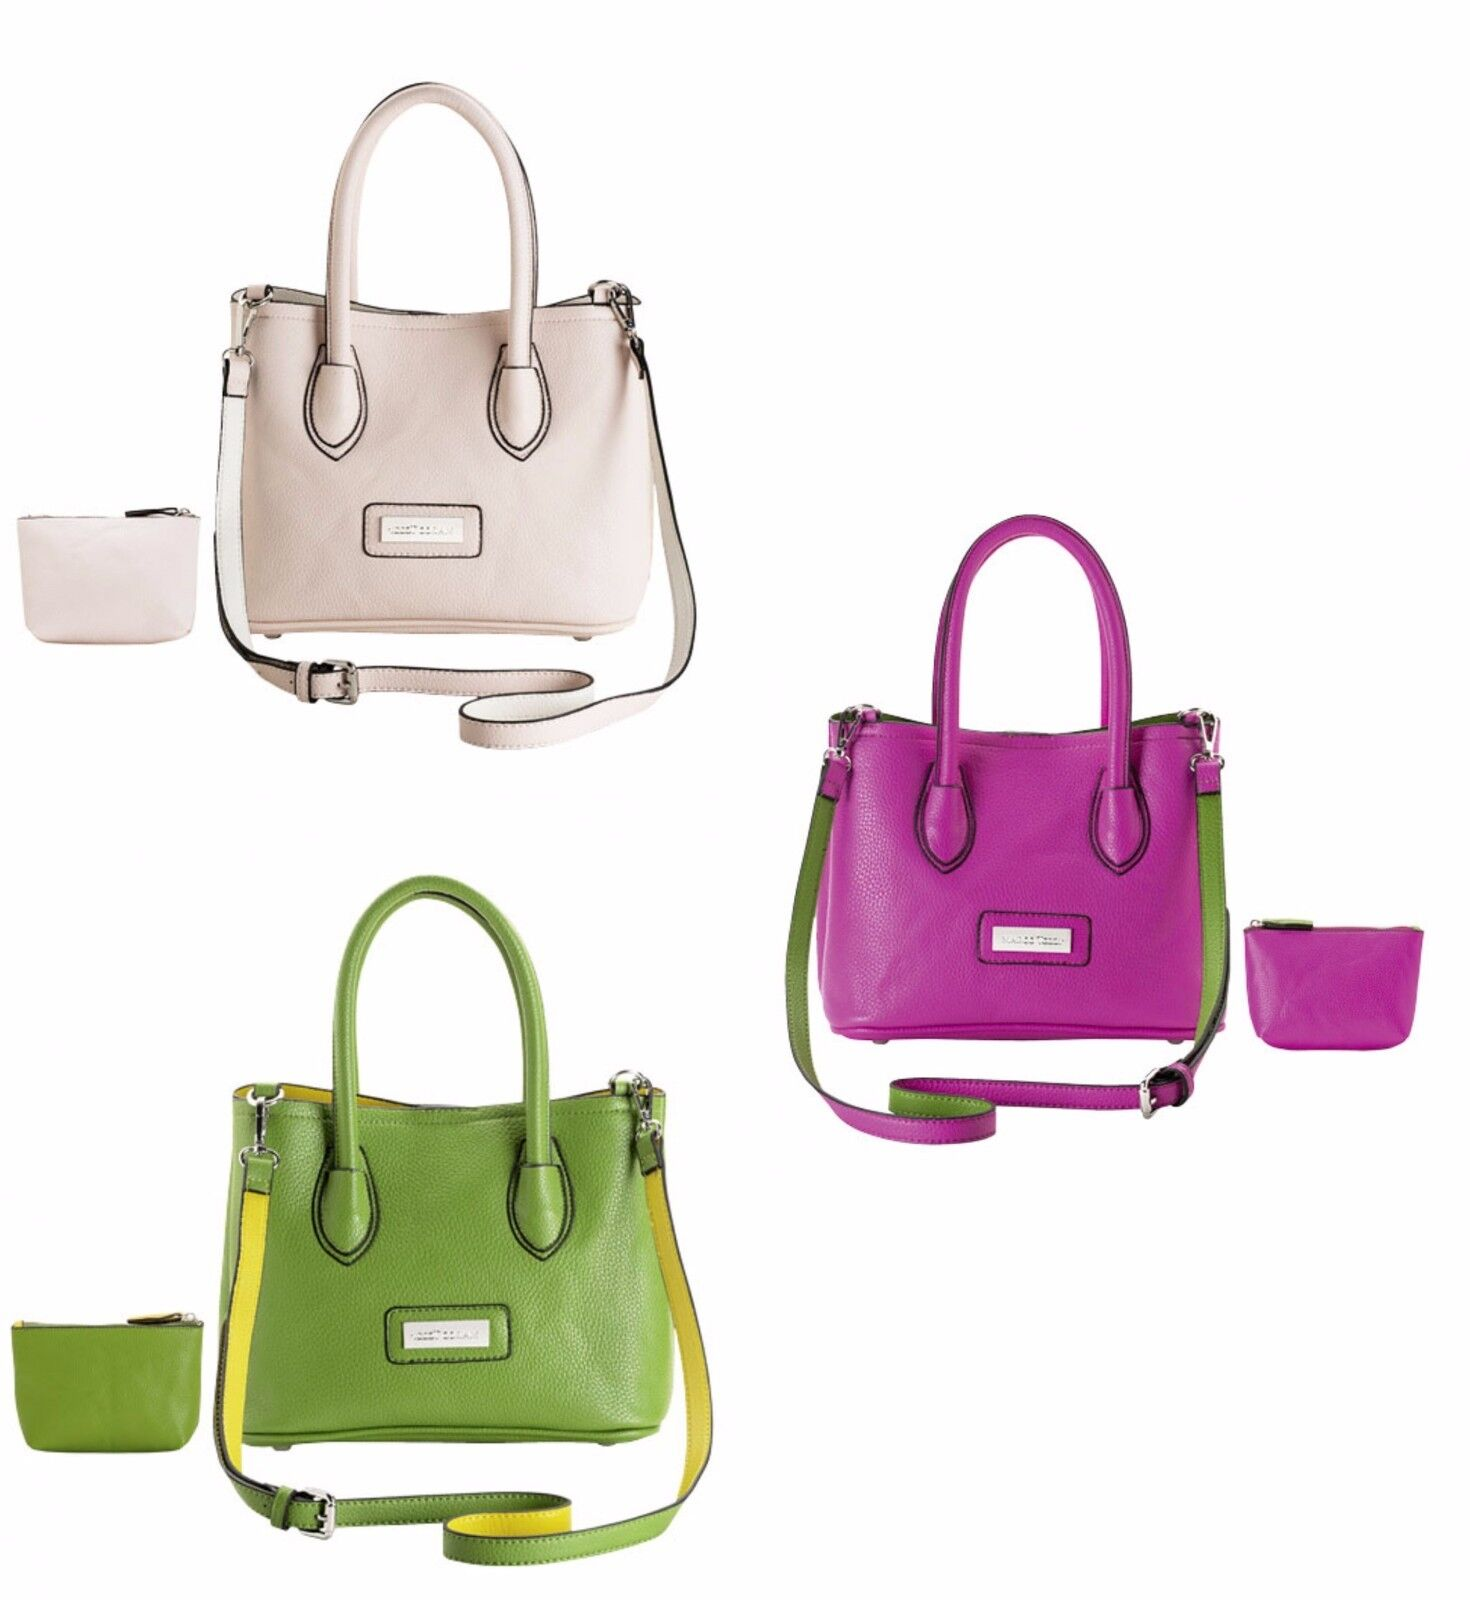 Marco Tozzi Handtasche Henkeltasche grün,beige oder pink 921